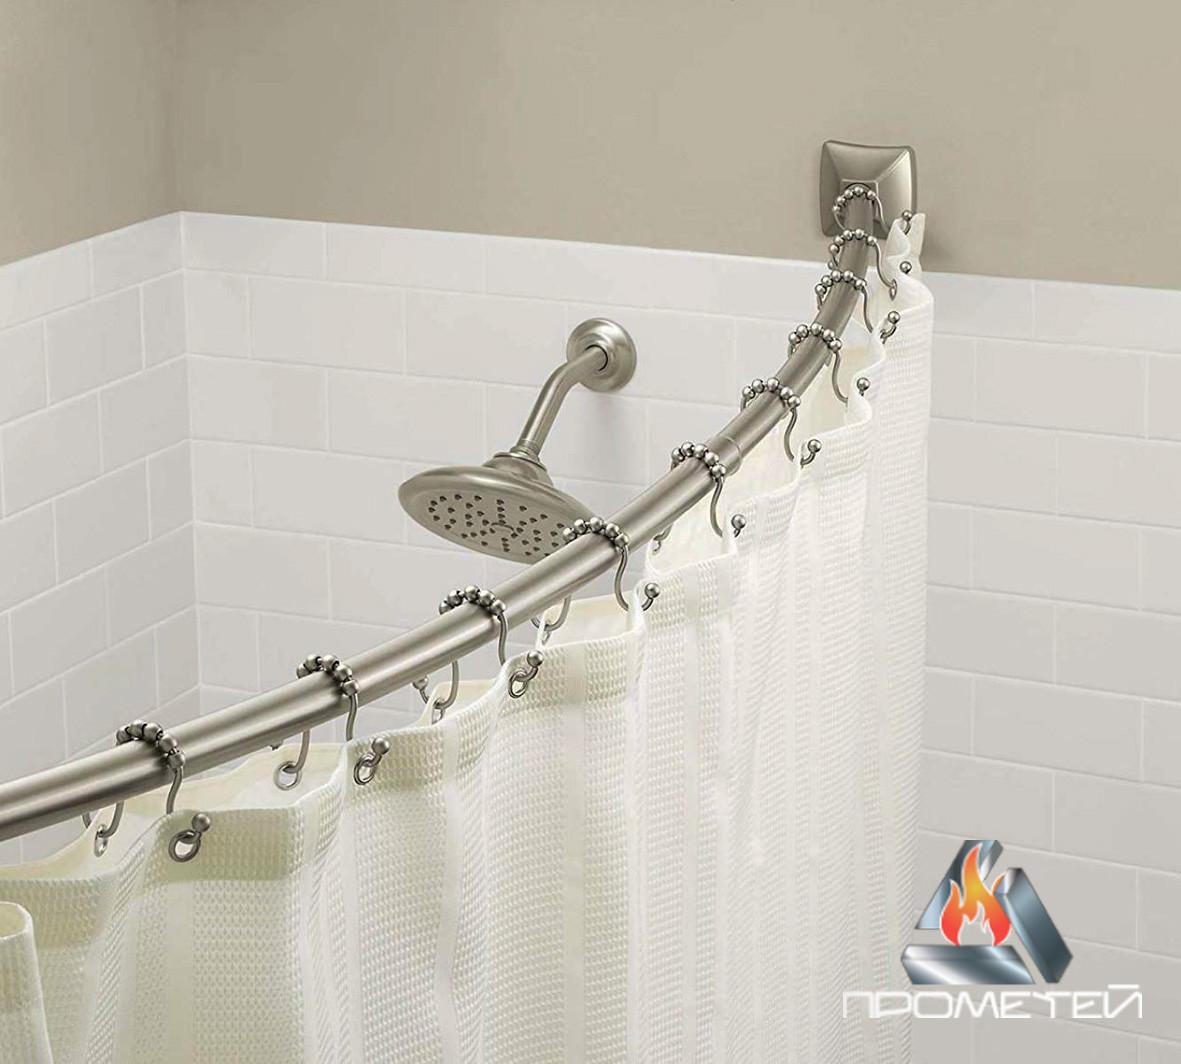 Радіусний / напівдугою карниз з нержавійки для ванної, діаметр 20мм, 25мм, 30мм, 32мм.